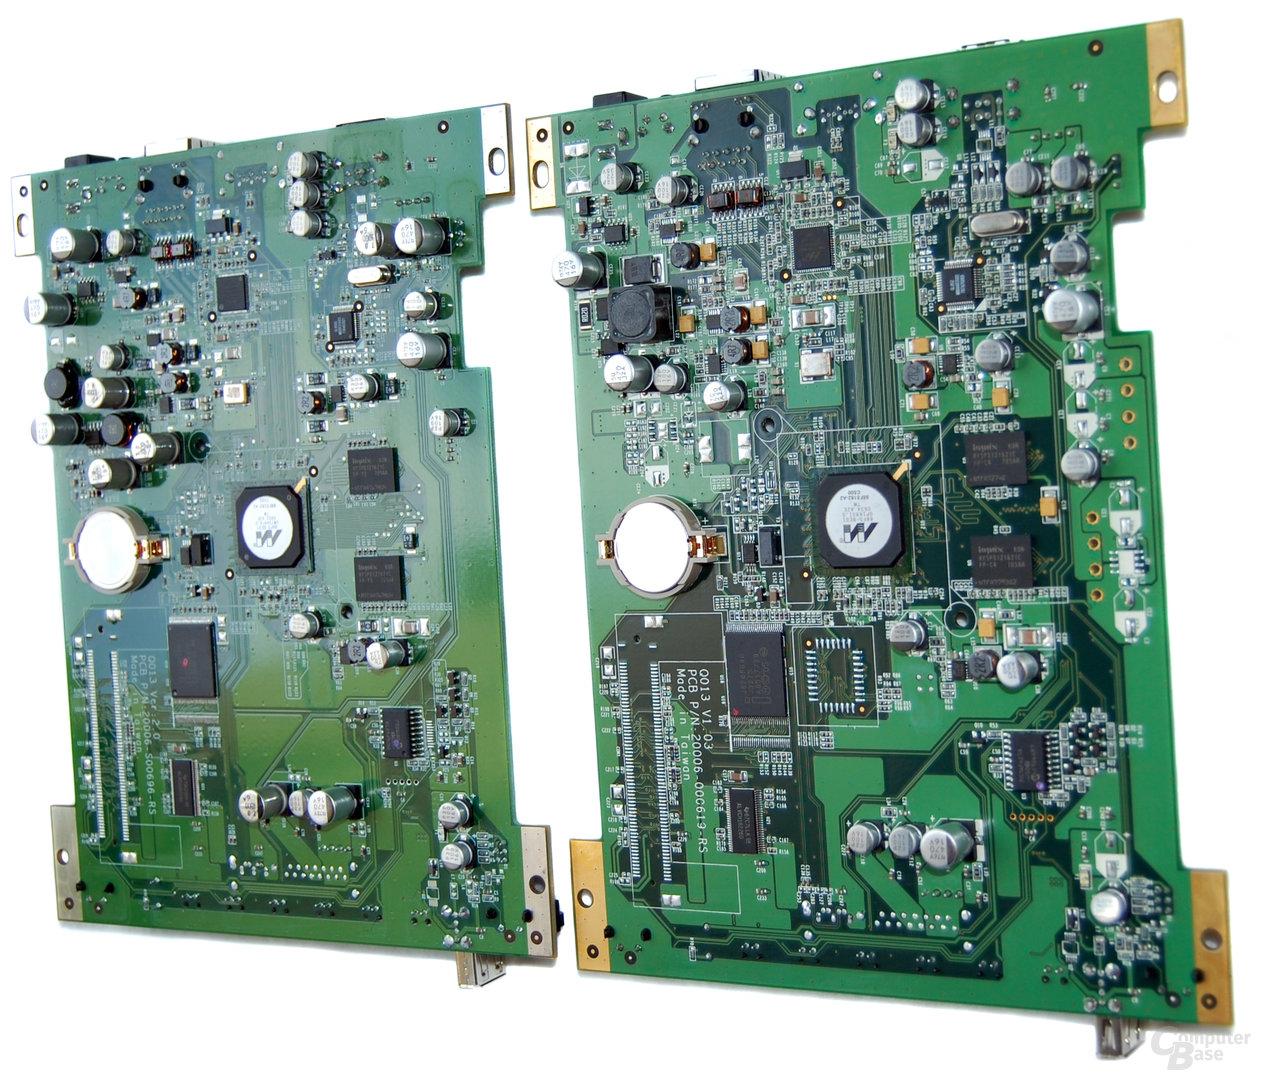 QNAP TS-209 Pro